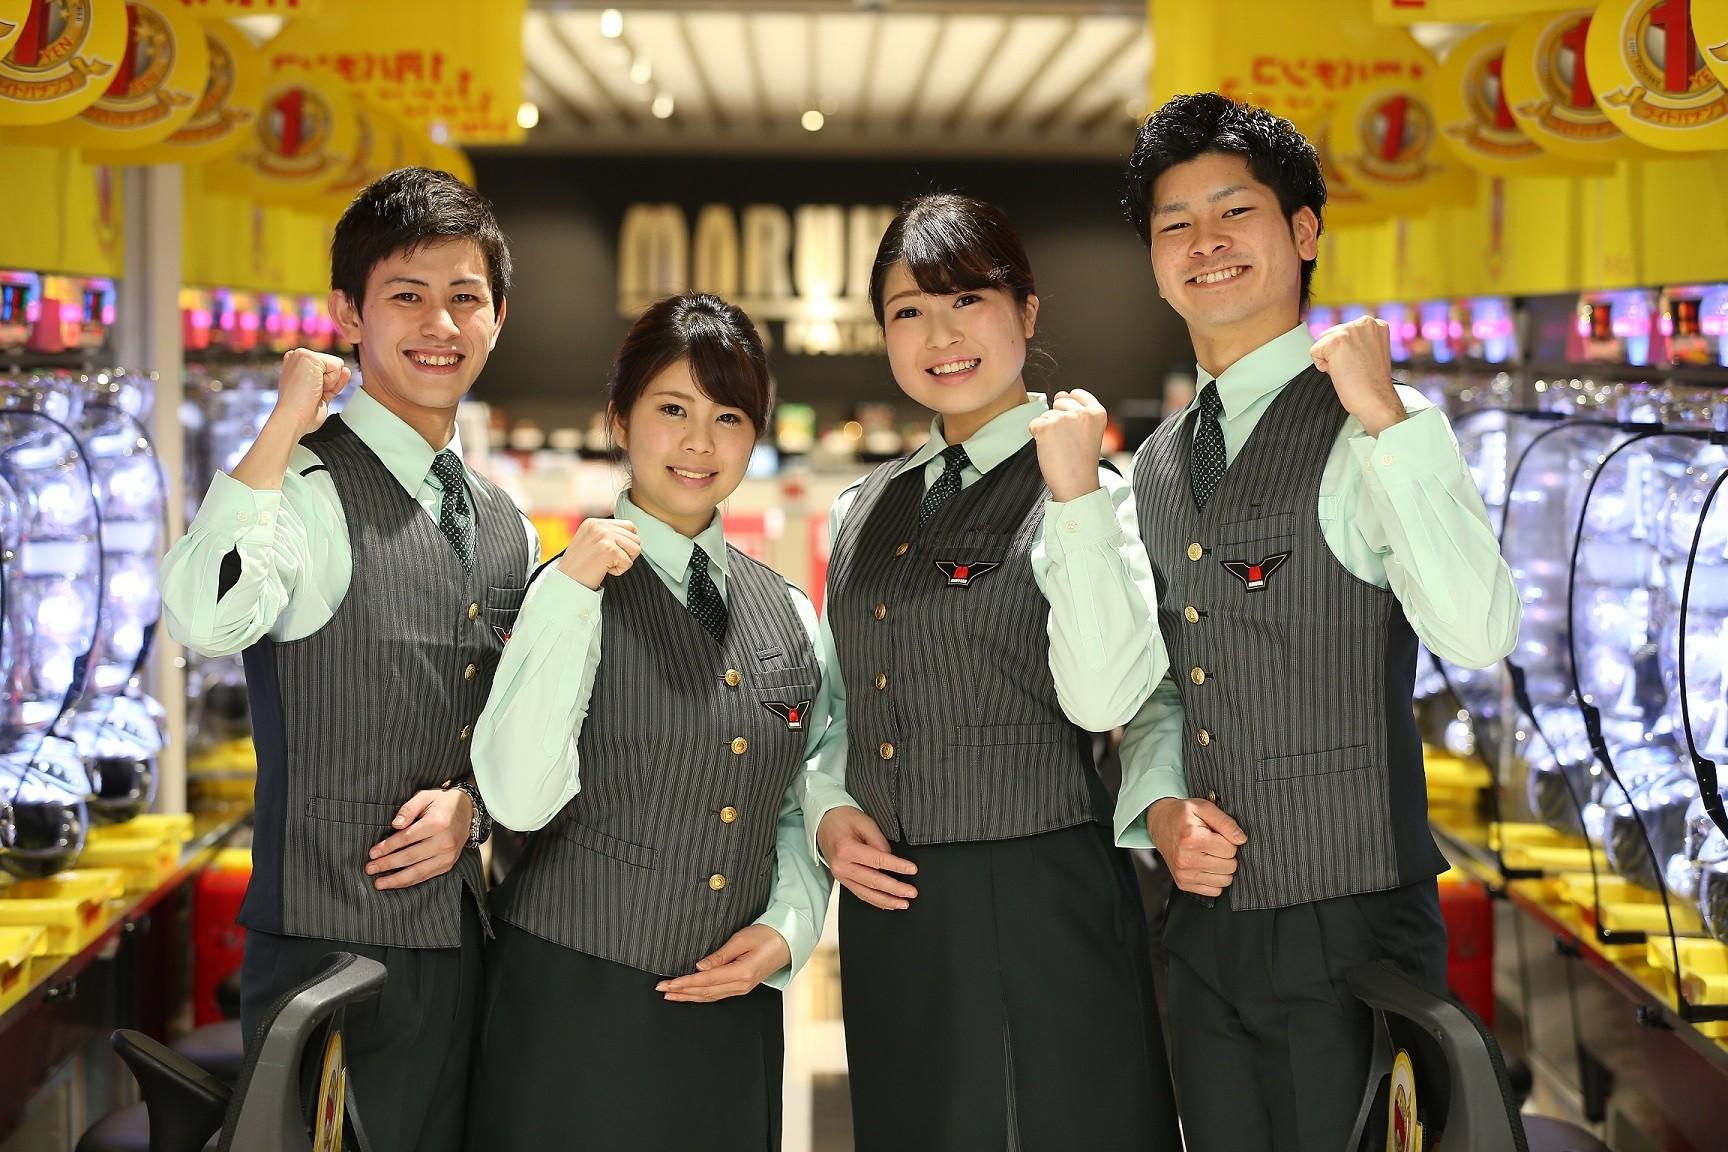 マルハン 長田店[2905] のアルバイト情報